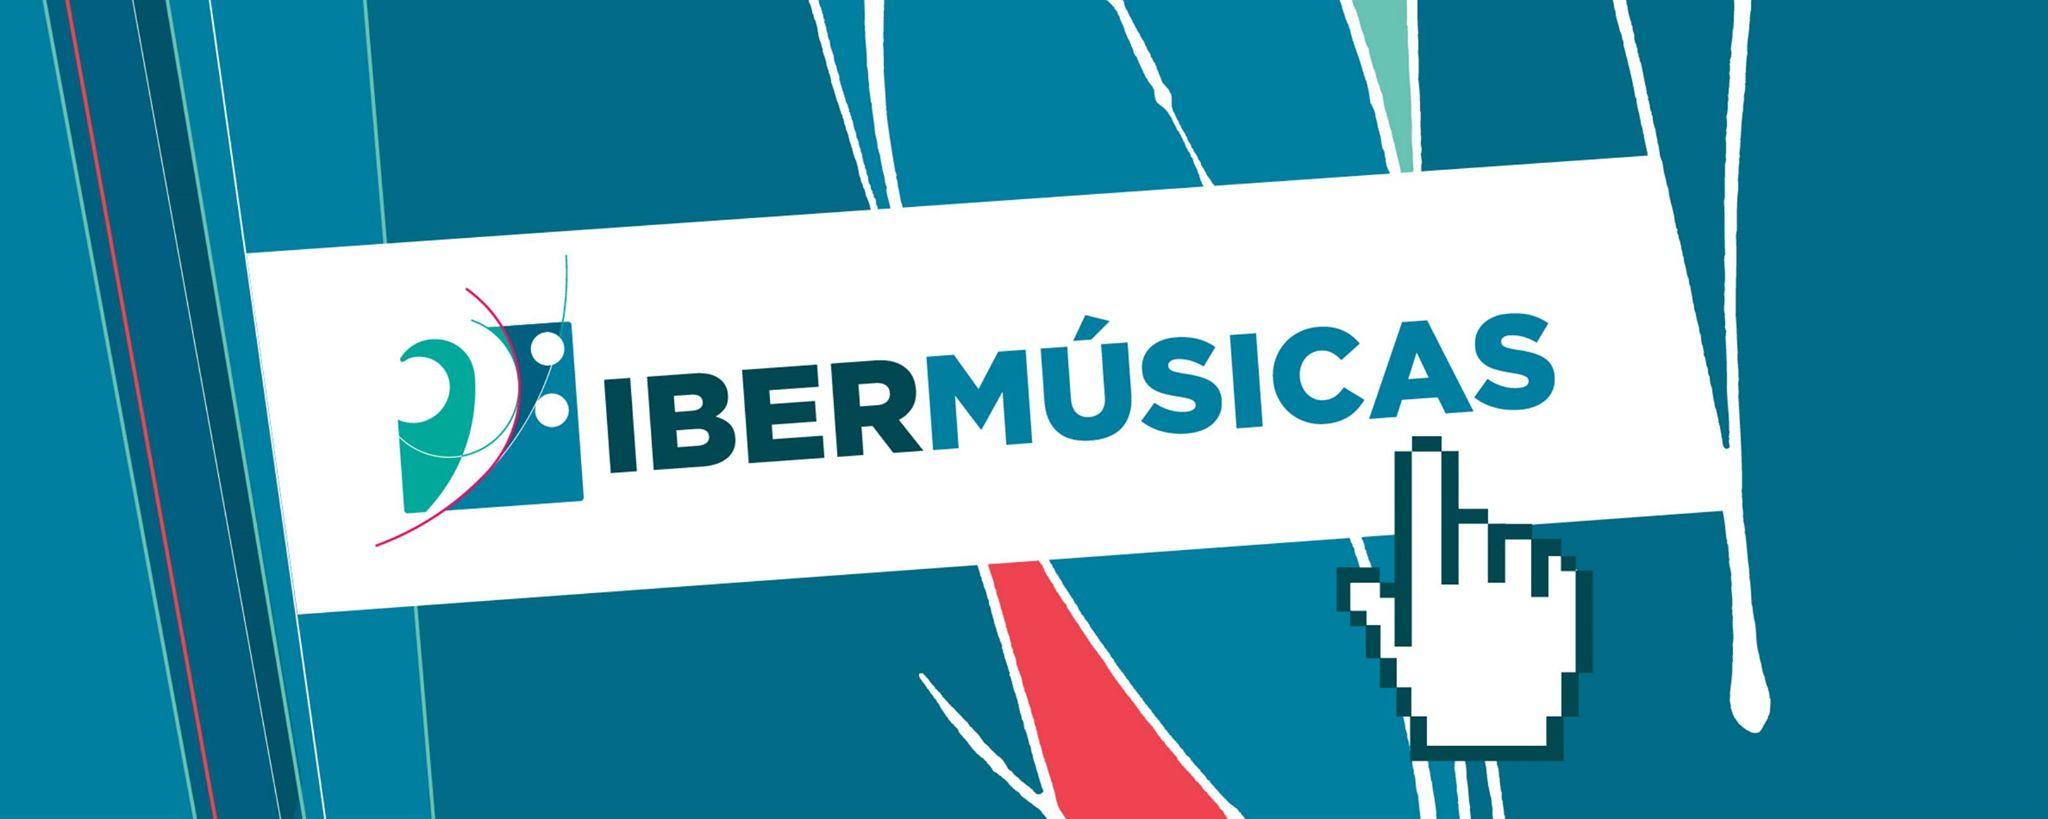 """IBERMÚSICAS: Sigue abierta la convocatoria al """"Concurso de Composición para Orquesta Sinfónica"""" imagen"""